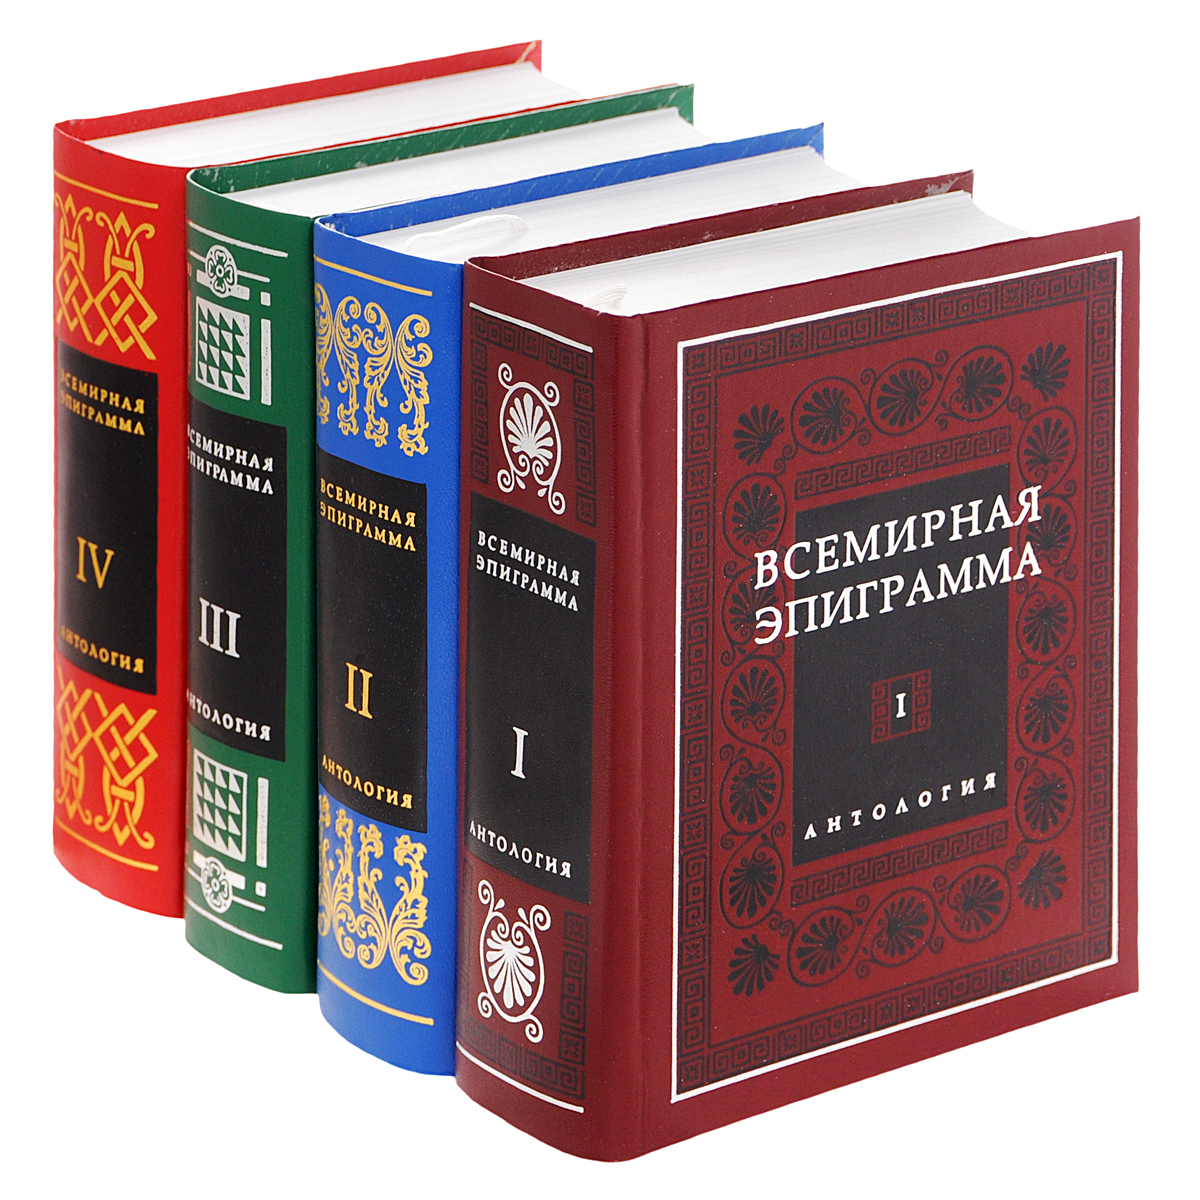 Всемирная эпиграмма. Антология в 4 томах (комплект) антология за границами снов